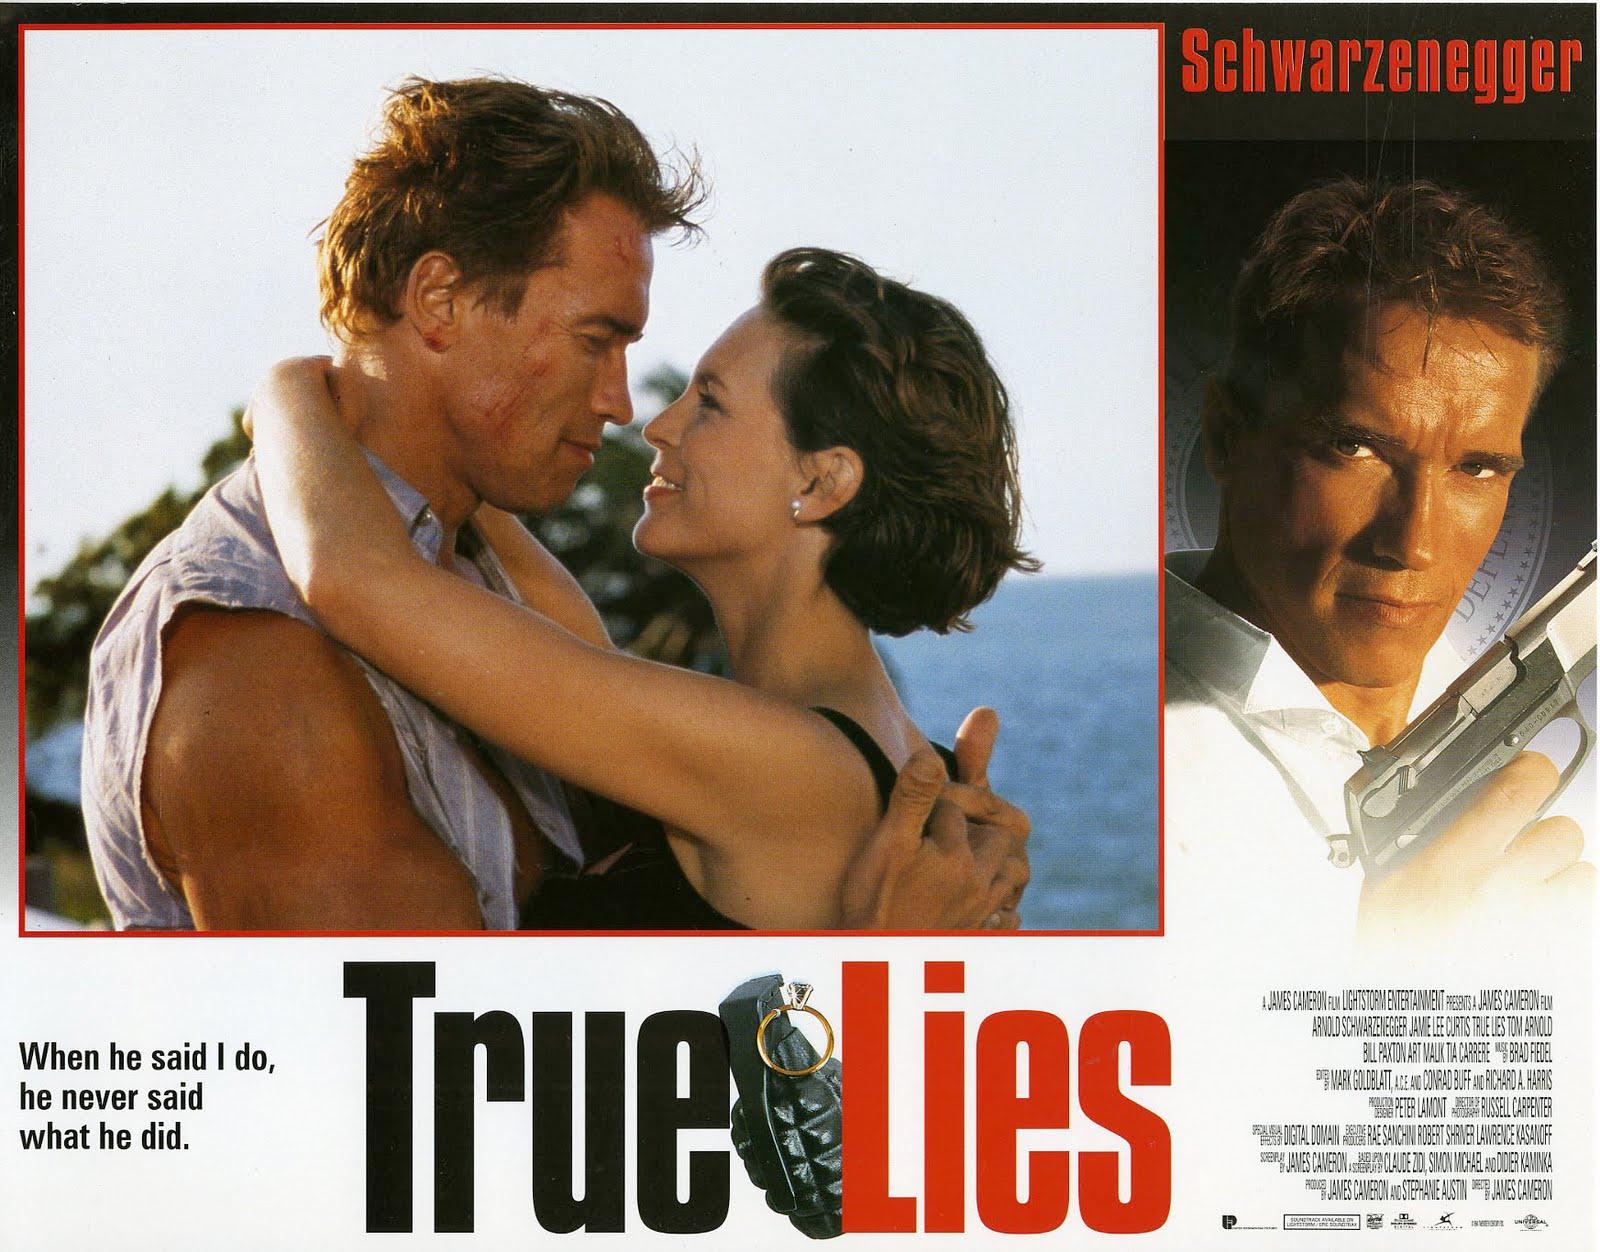 http://2.bp.blogspot.com/_OvryYdVtfSo/TJQVemj9-dI/AAAAAAAAGiA/wCCBXqDTDNE/s1600/True_Lies_lobby_card_Arnold_Schwarzenegger_Jamie_Lee_Curtis_James_Cameron_1994_TV_remake.jpg